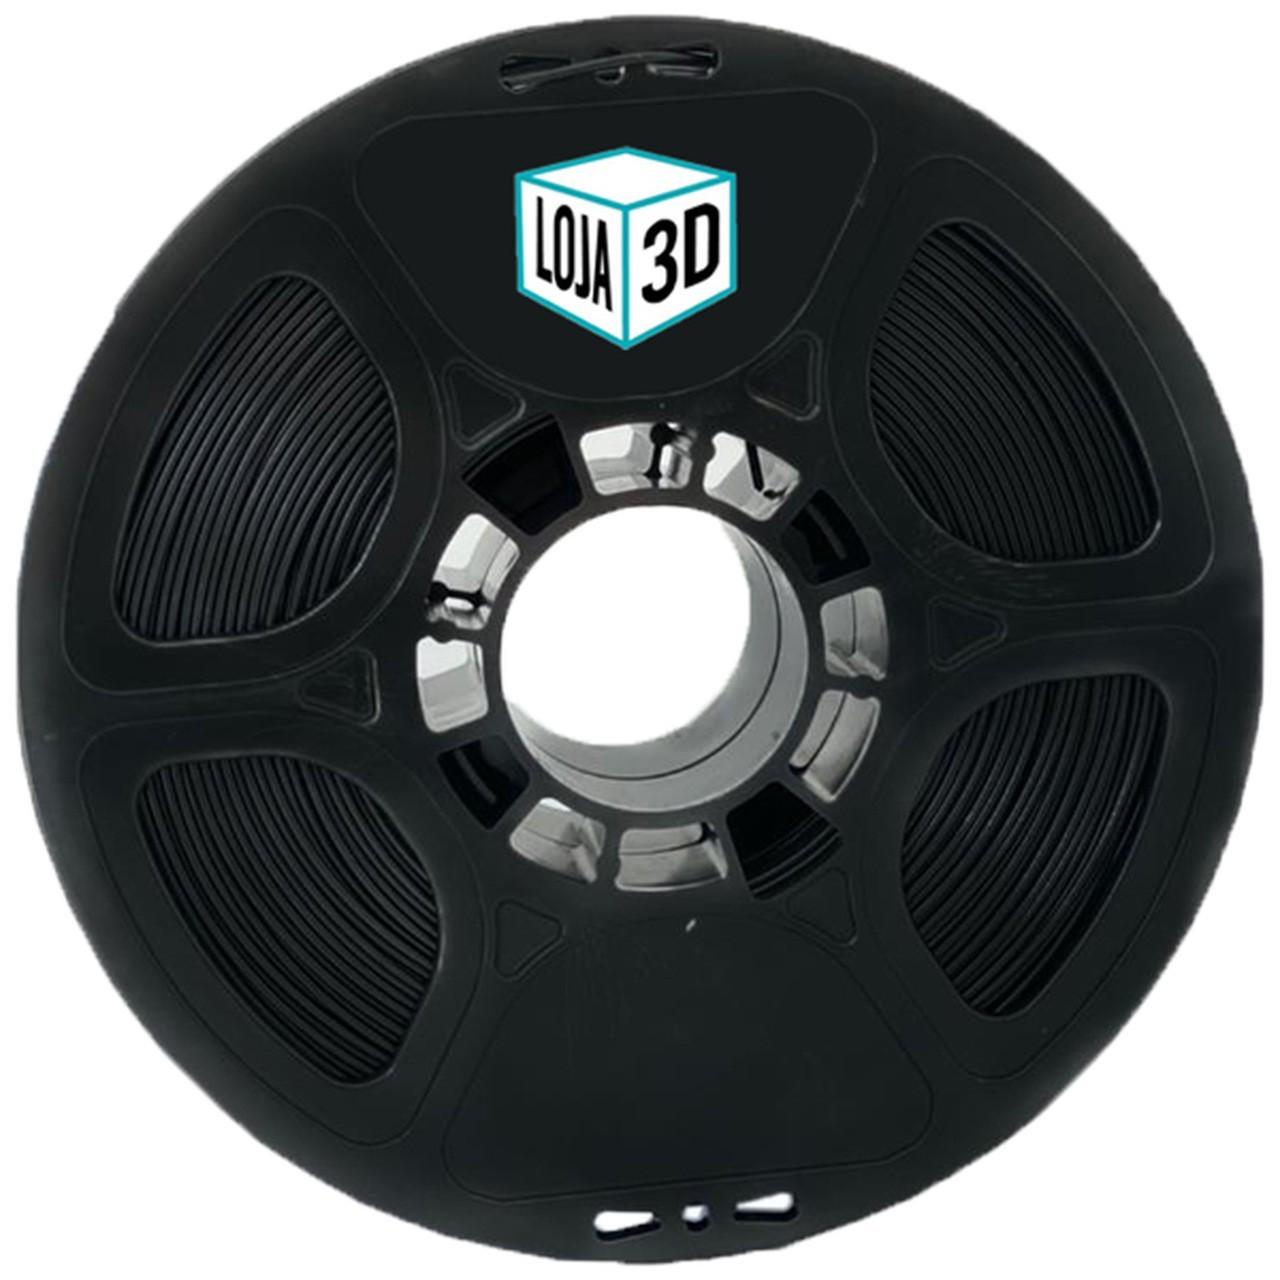 Filamento PLA Pro de Alta Resistência - Preto - Loja 3D - 1.75mm - 1kg